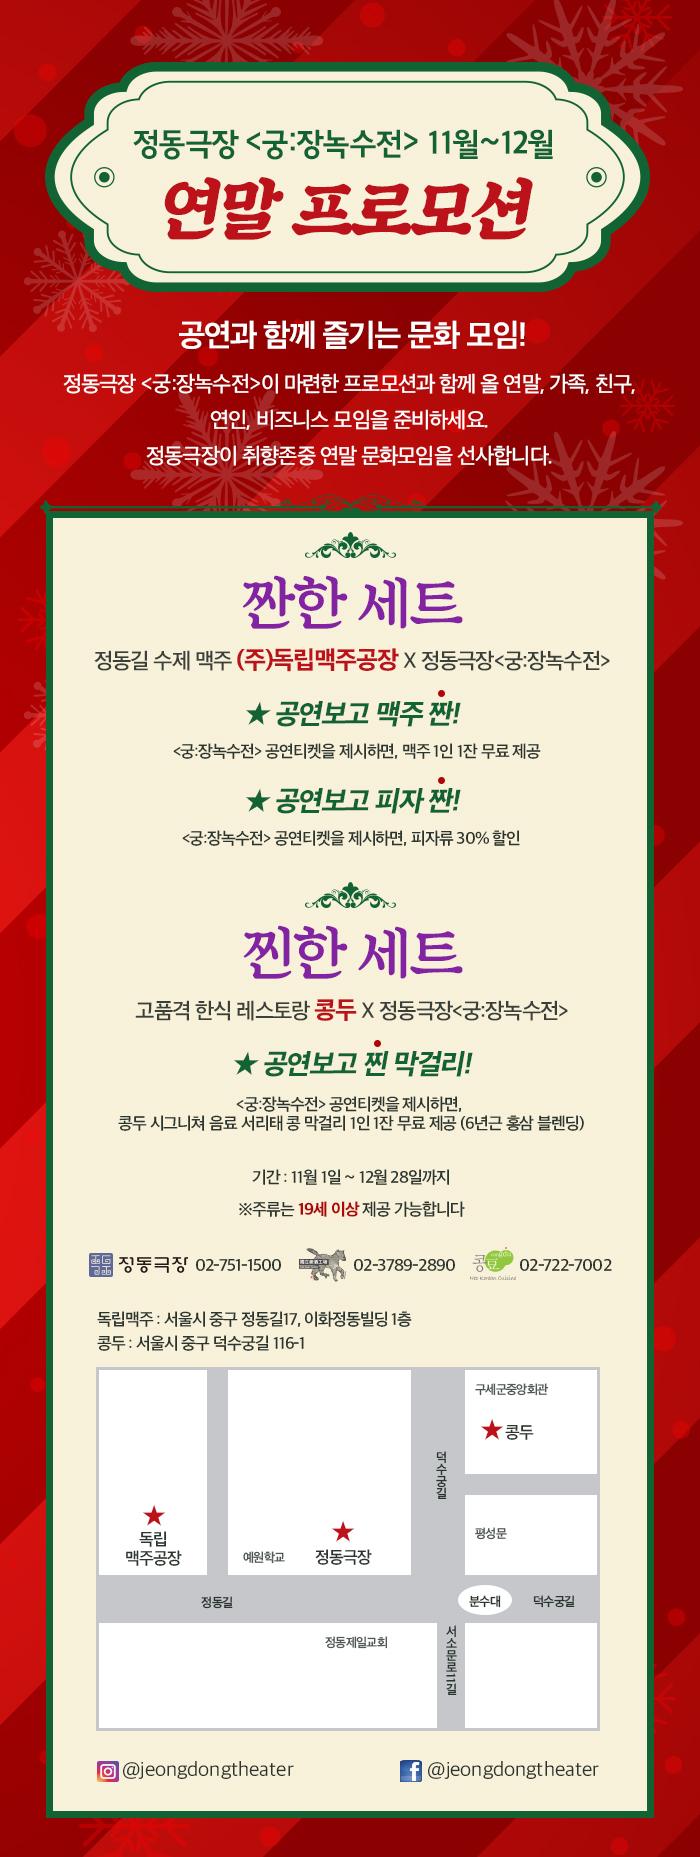 궁 장녹수전 연말 이벤트.jpg